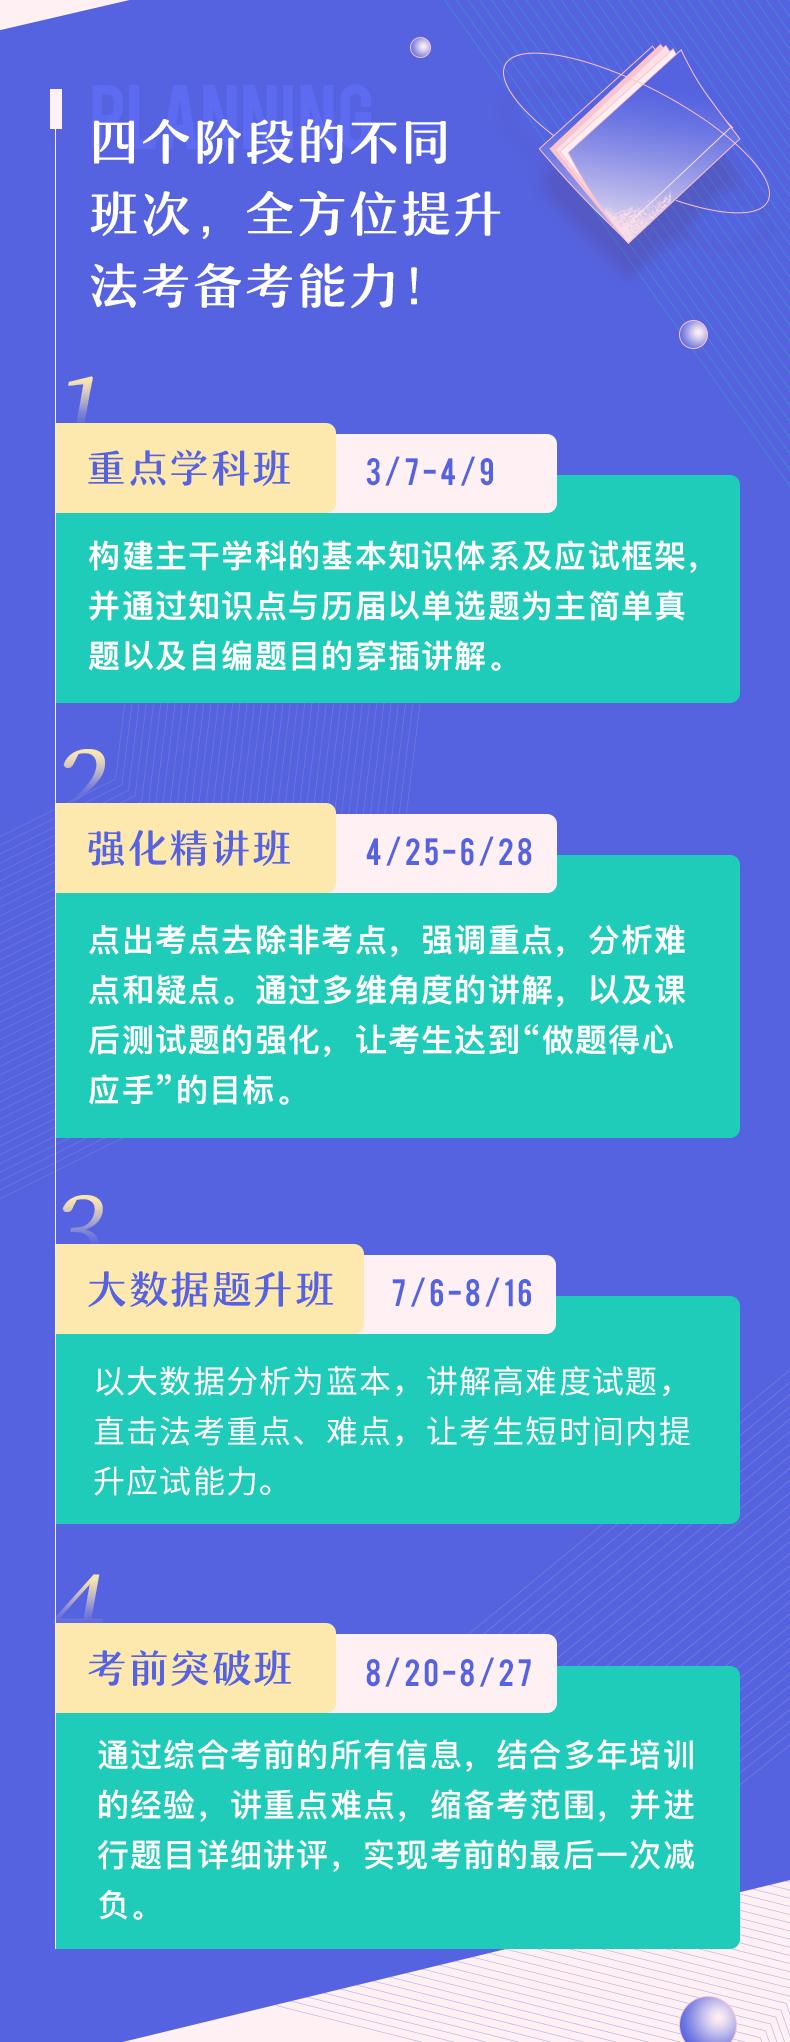 周末法考全程班_02.png